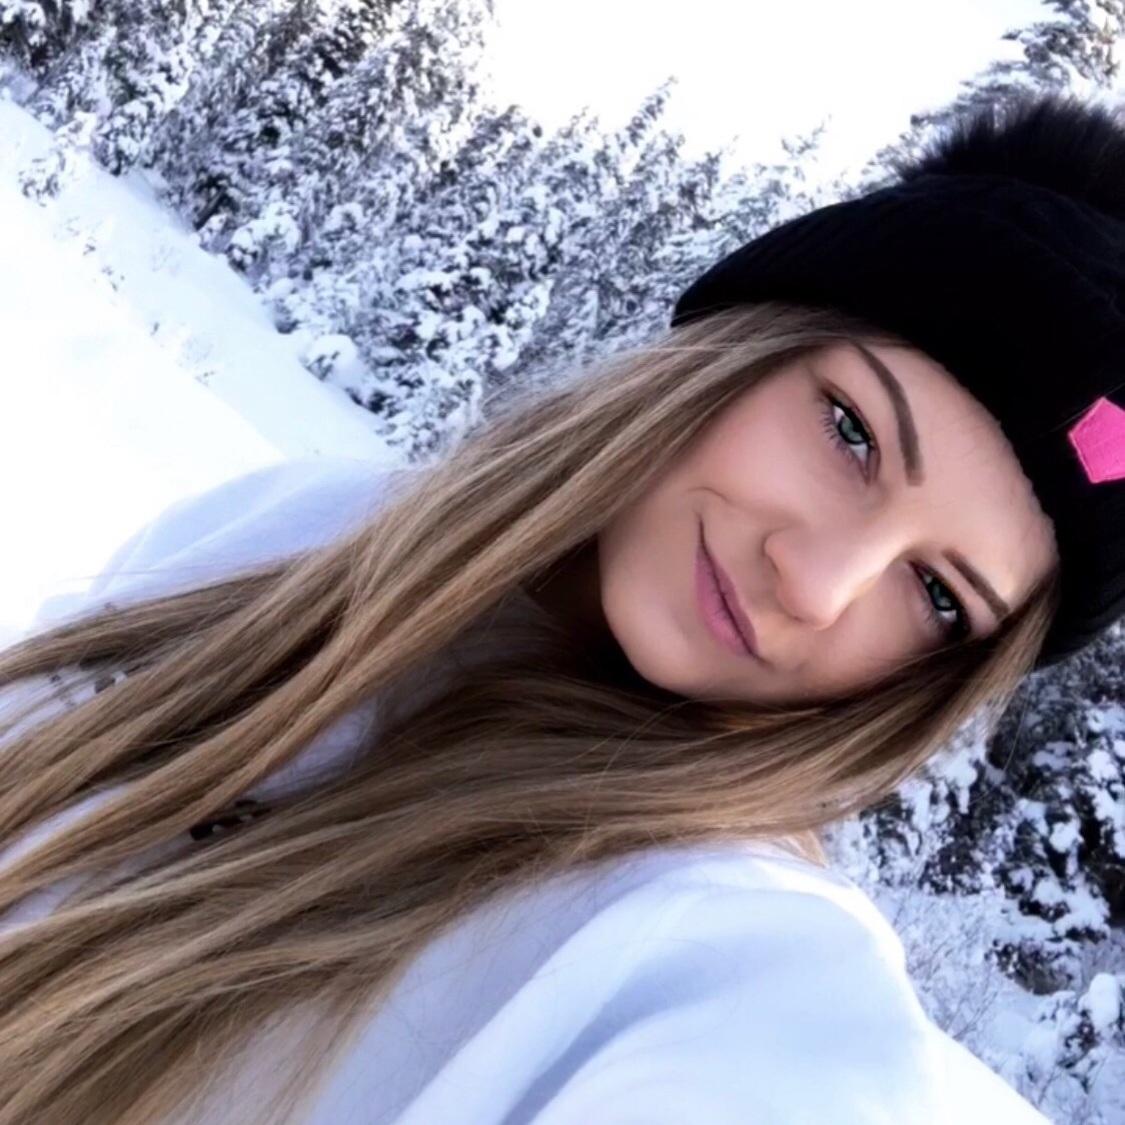 Ely-Coleman-in-snow.jpg